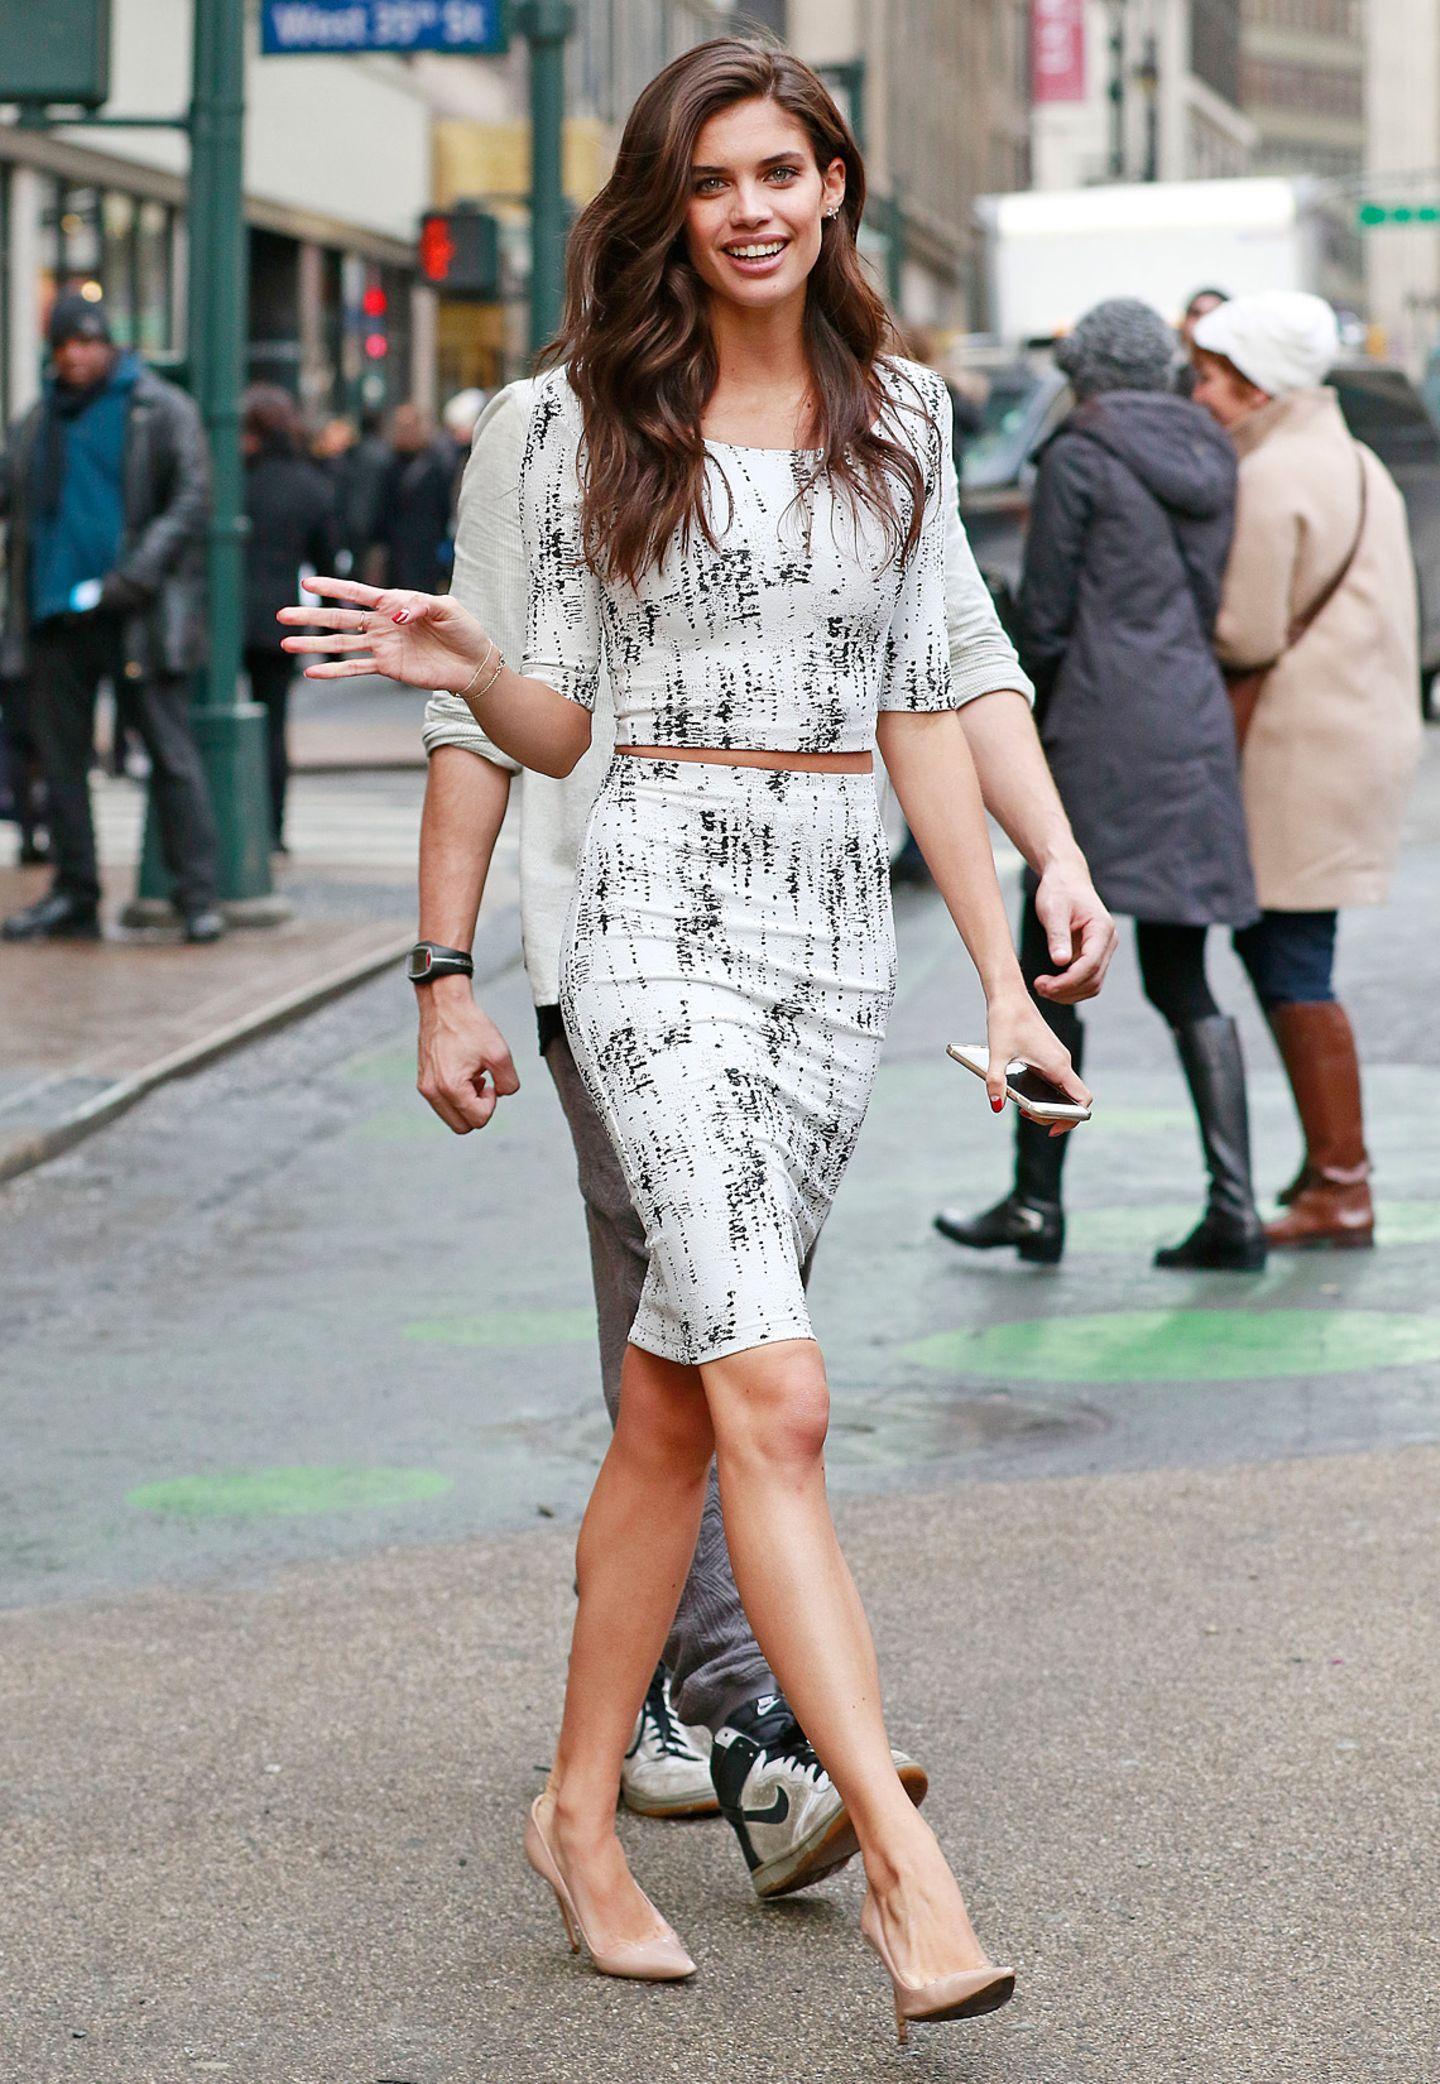 """Ob Sara Sampaio jetzt die Neue von Harry Styles ist oder nicht, erfolgreich ist die schöne Portugiesin allemal. Das 23-Jährige Topmodel mit dem sinnlichen Mund ist nicht nur """"Victoria's Secret""""-Engel, sondern arbeitet auch für alle renommierten Magazine und gewinnt nebenbei noch jede Menge Model-Preise."""